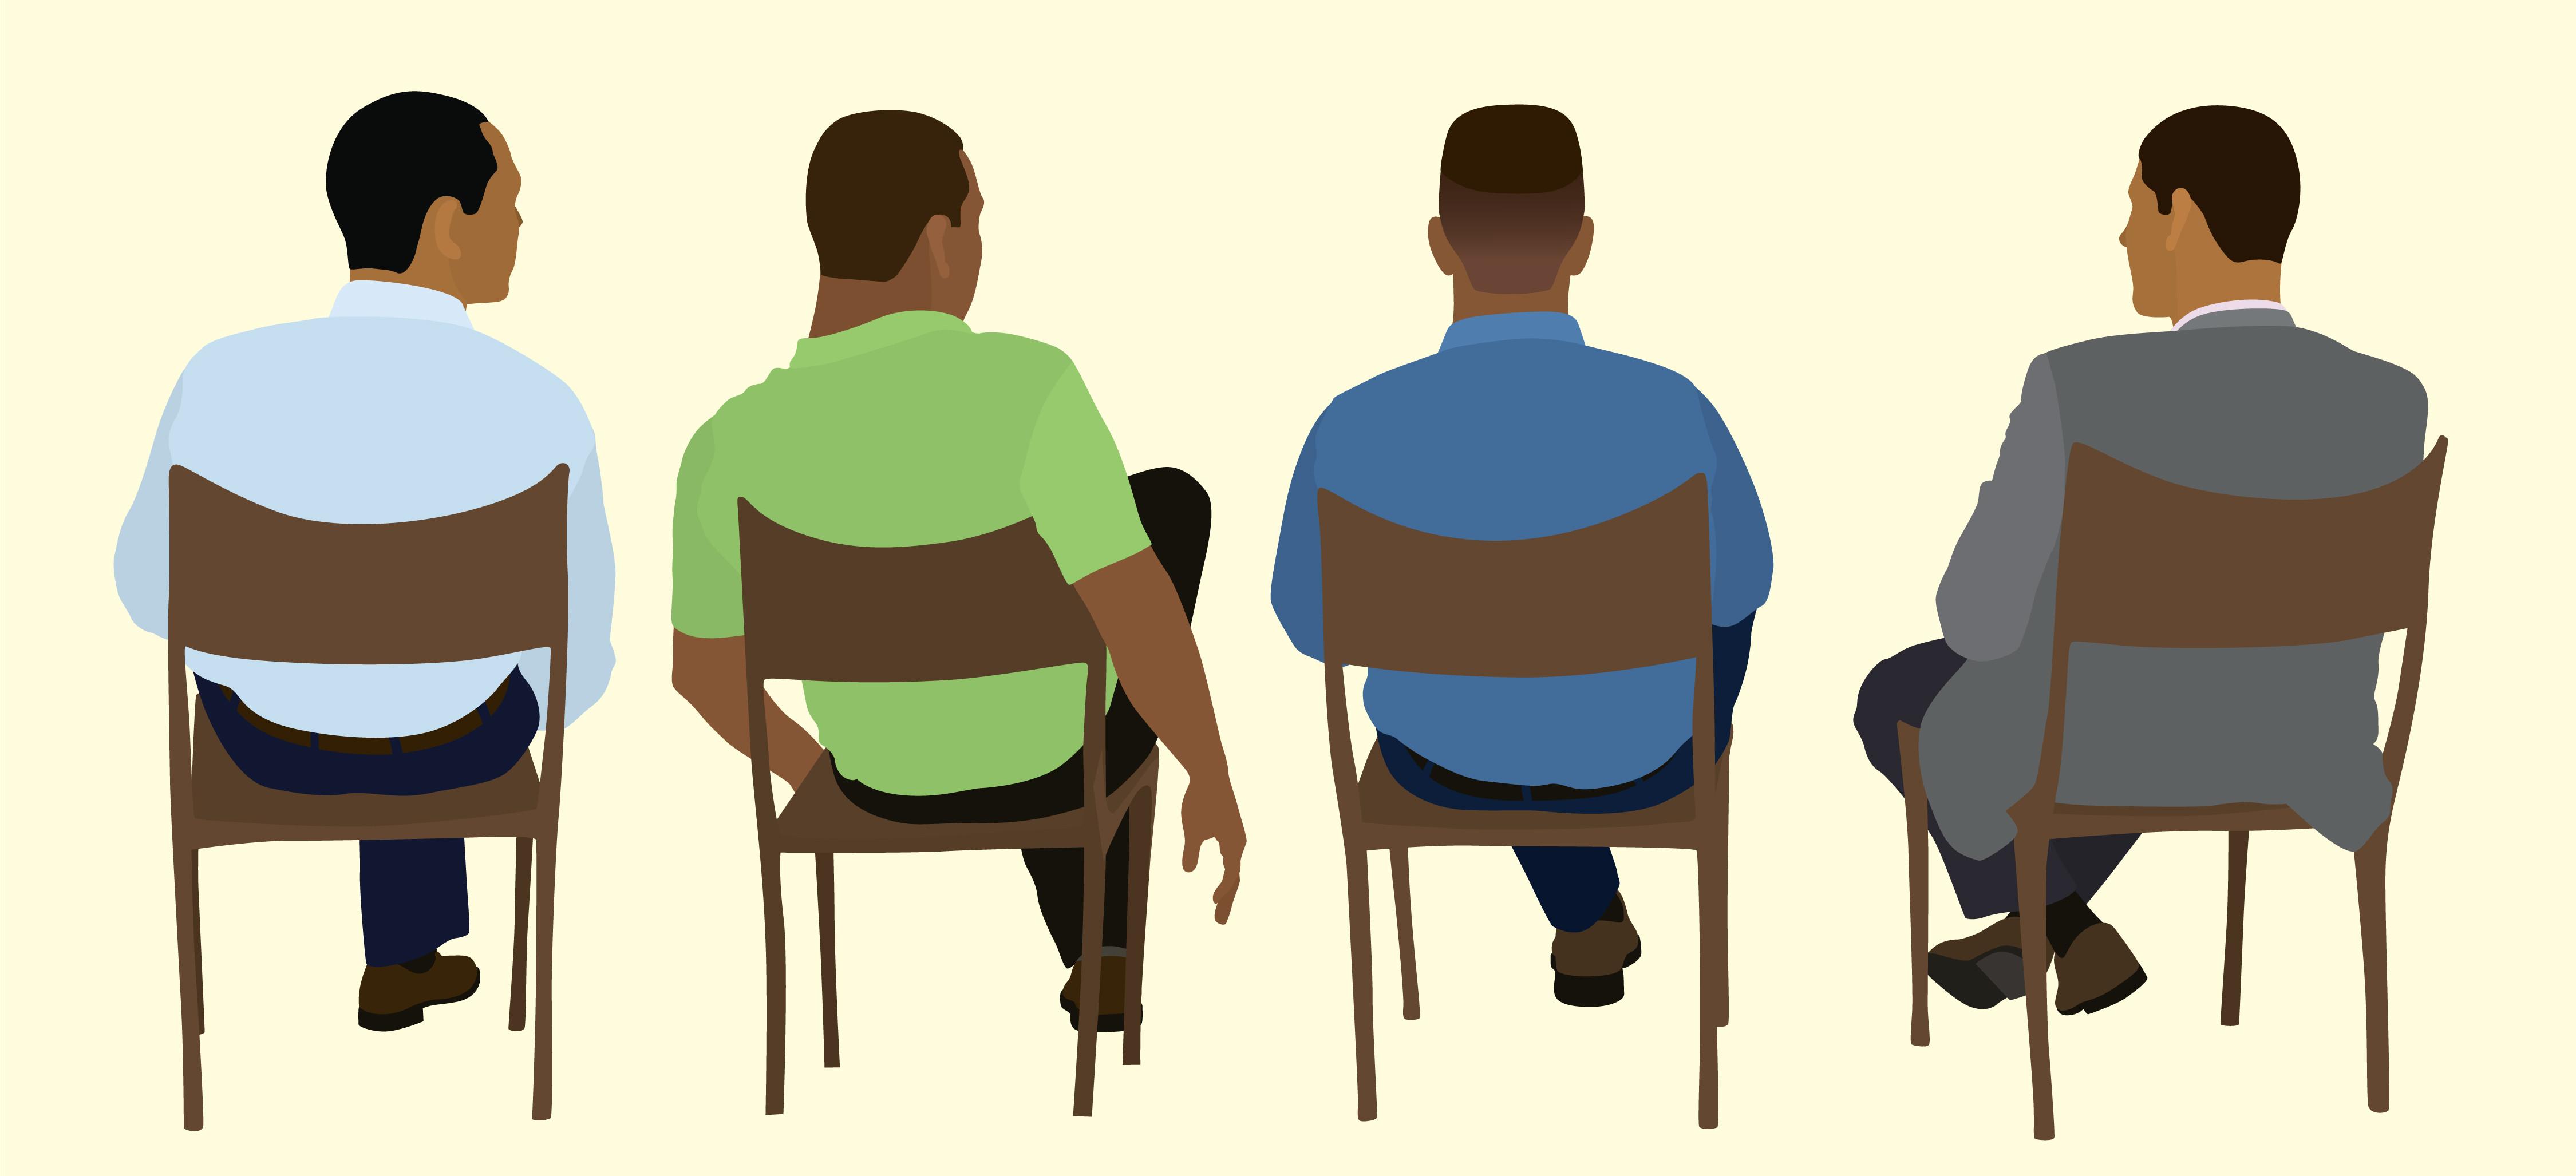 Consultation (Black Men's Group)